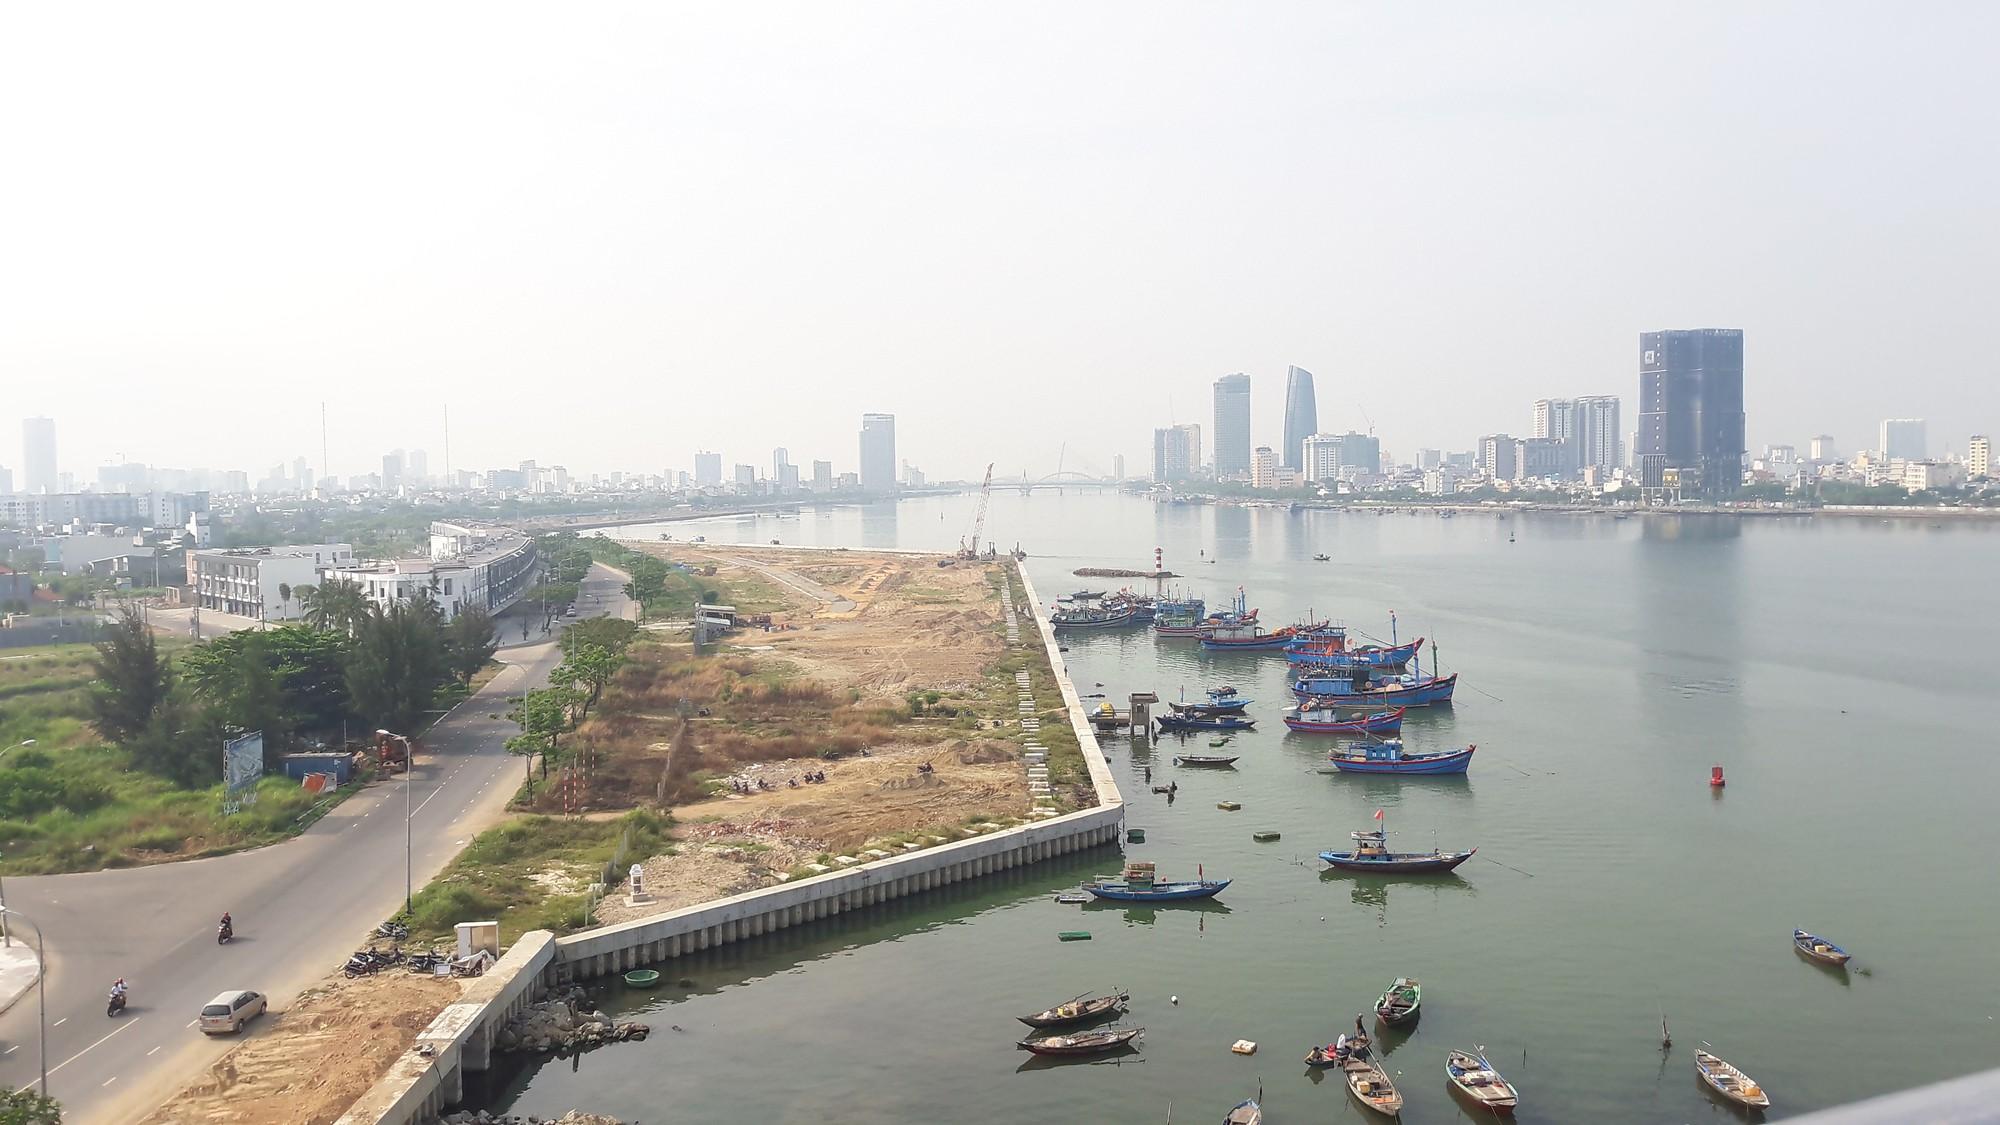 Chủ đầu tư nói thi công Dự án bất động sản và bến du thuyền - Marina Complex tạo điểm nhấn cho Đà Nẵng - Ảnh 1.